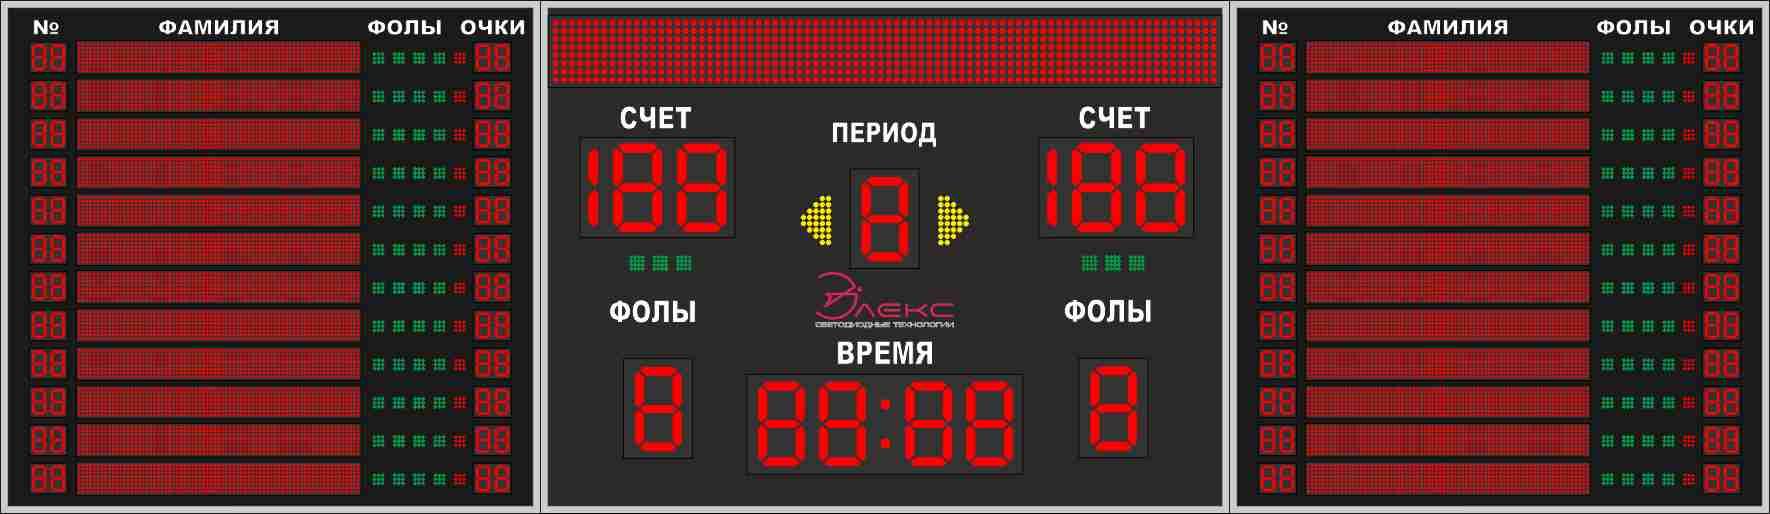 Табло для баскетбола №6